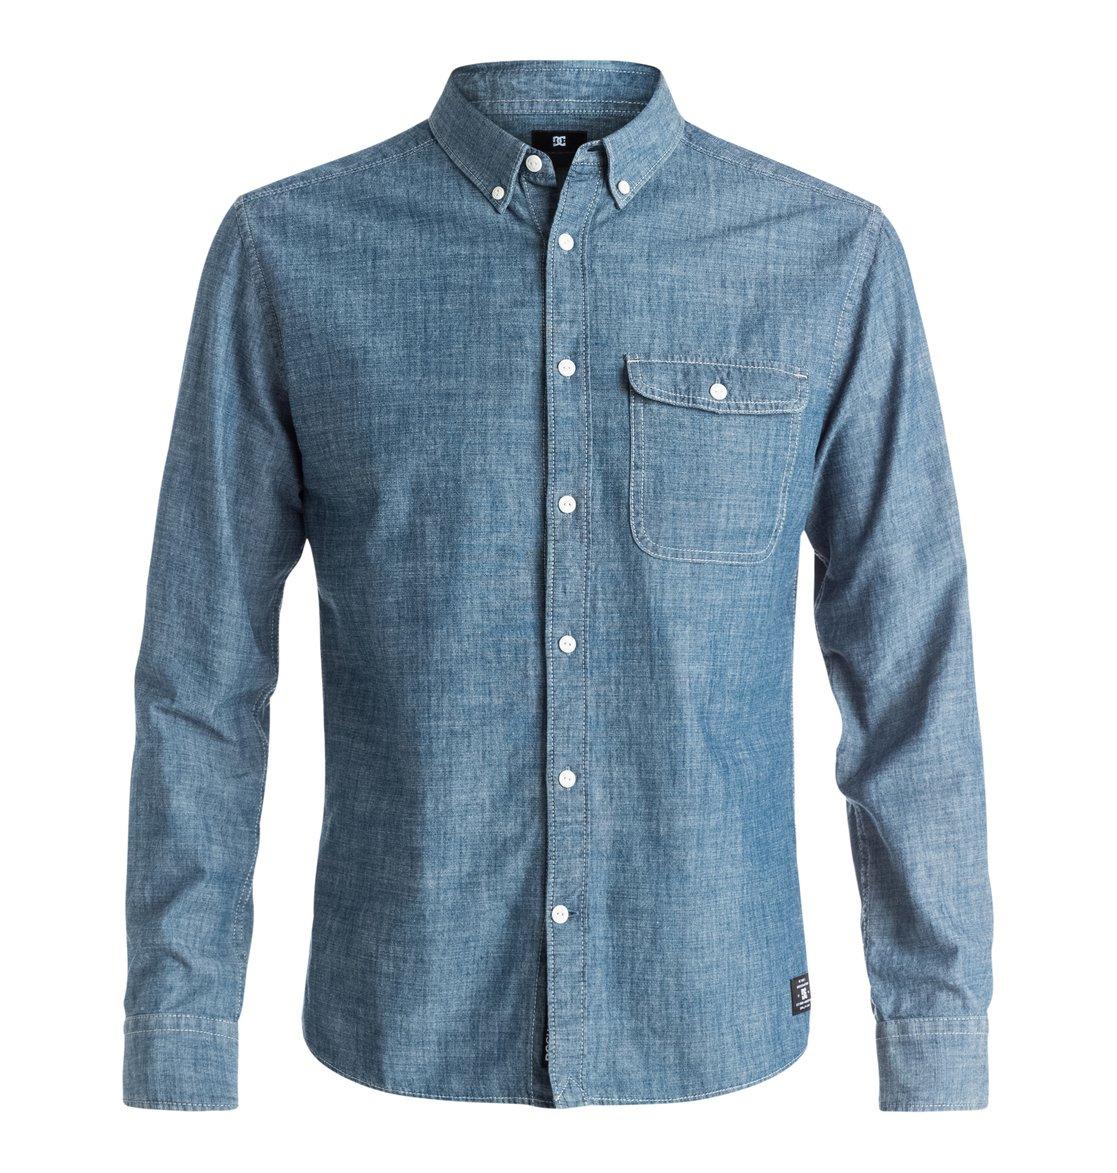 Riot Van Long Sleeve ShirtМужская рубашка с длинным рукавом Riot Van от DC Shoes.ХАРАКТЕРИСТИКИ: стандартный крой, хлопок-шамбре, нагрудный карман, воротник на пуговицах.СОСТАВ: 100% хлопок.<br>